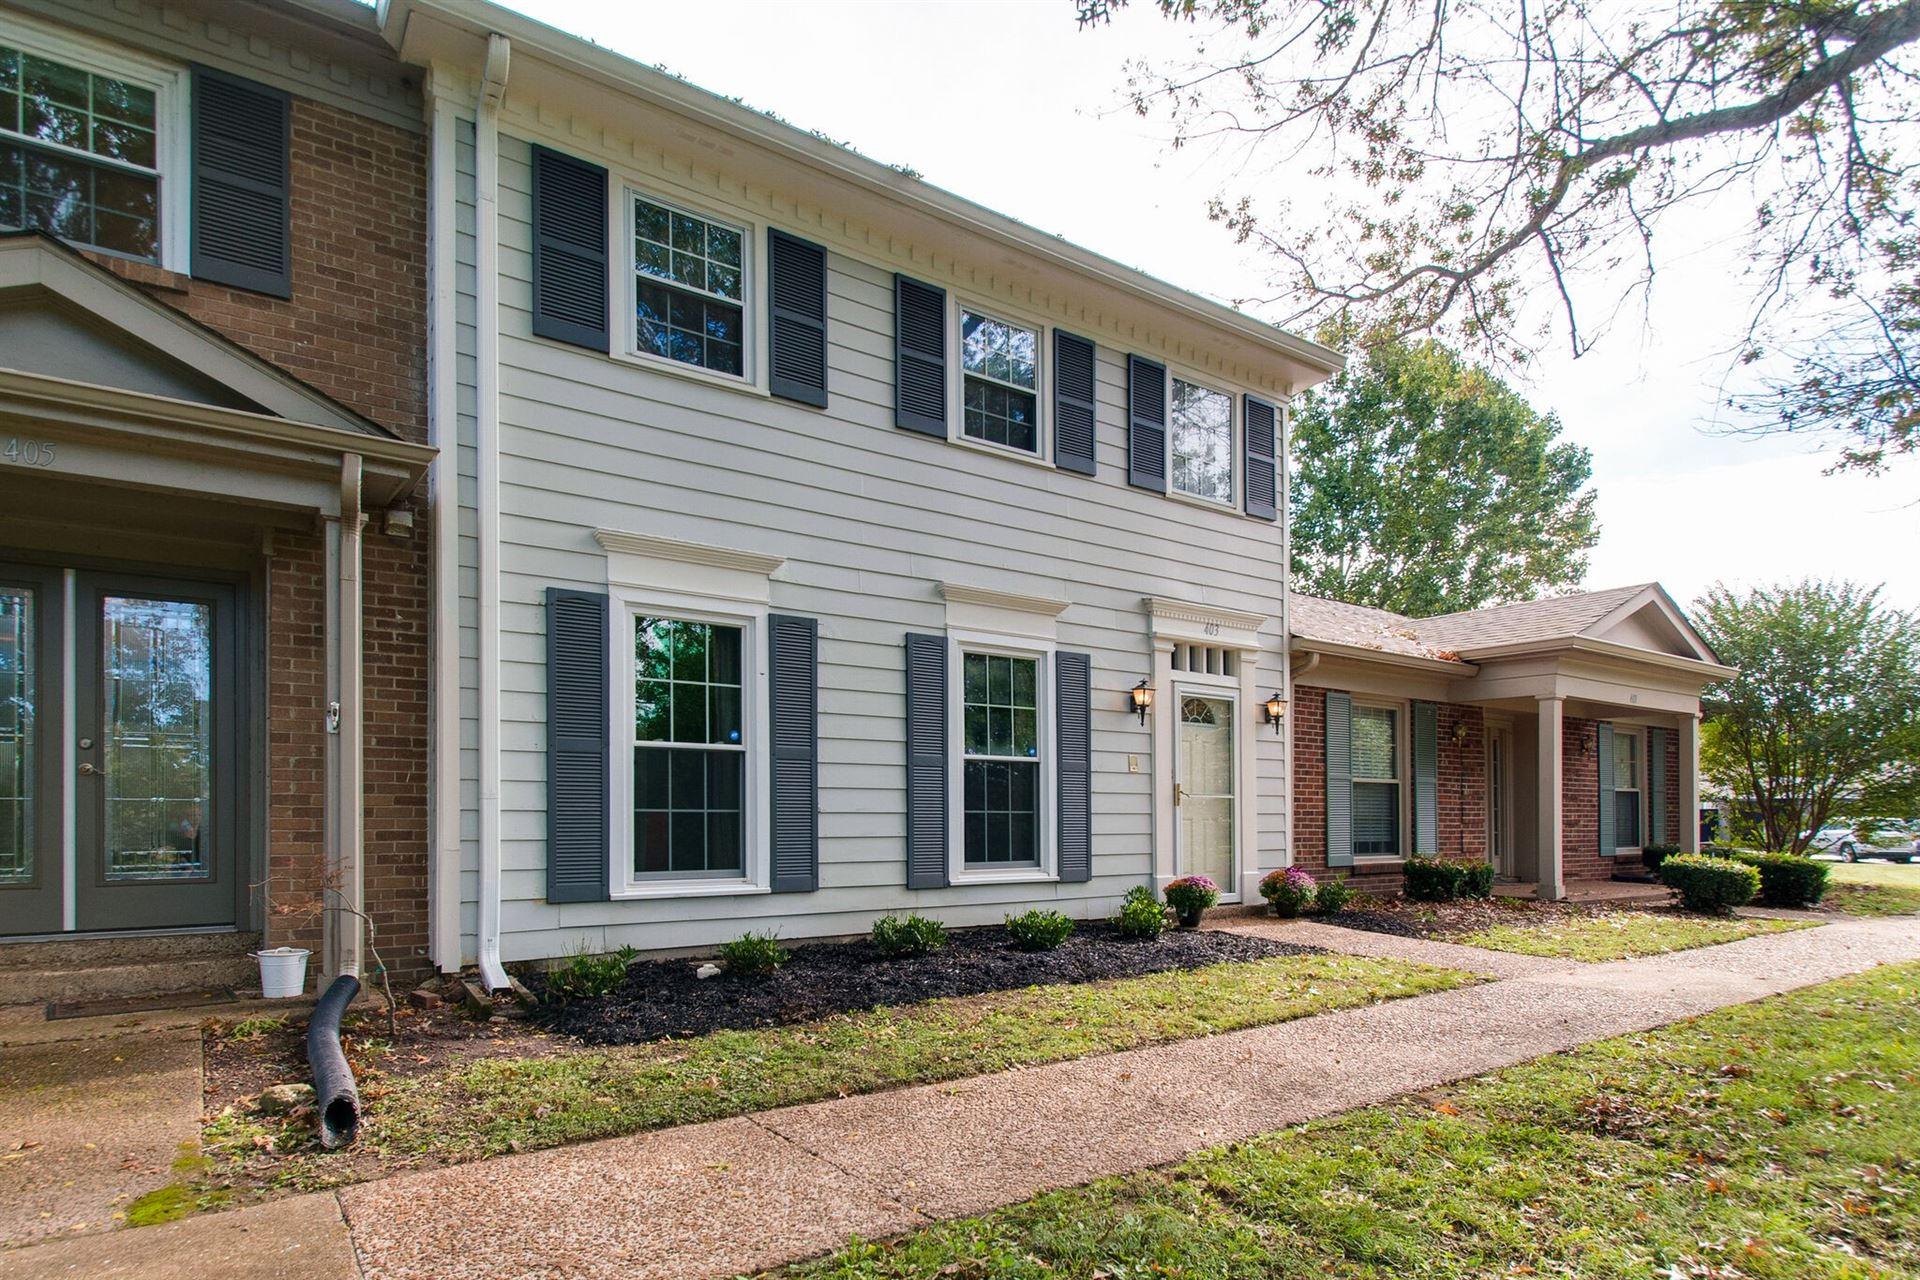 403 Plantation Ct, Nashville, TN 37221 - MLS#: 2195533